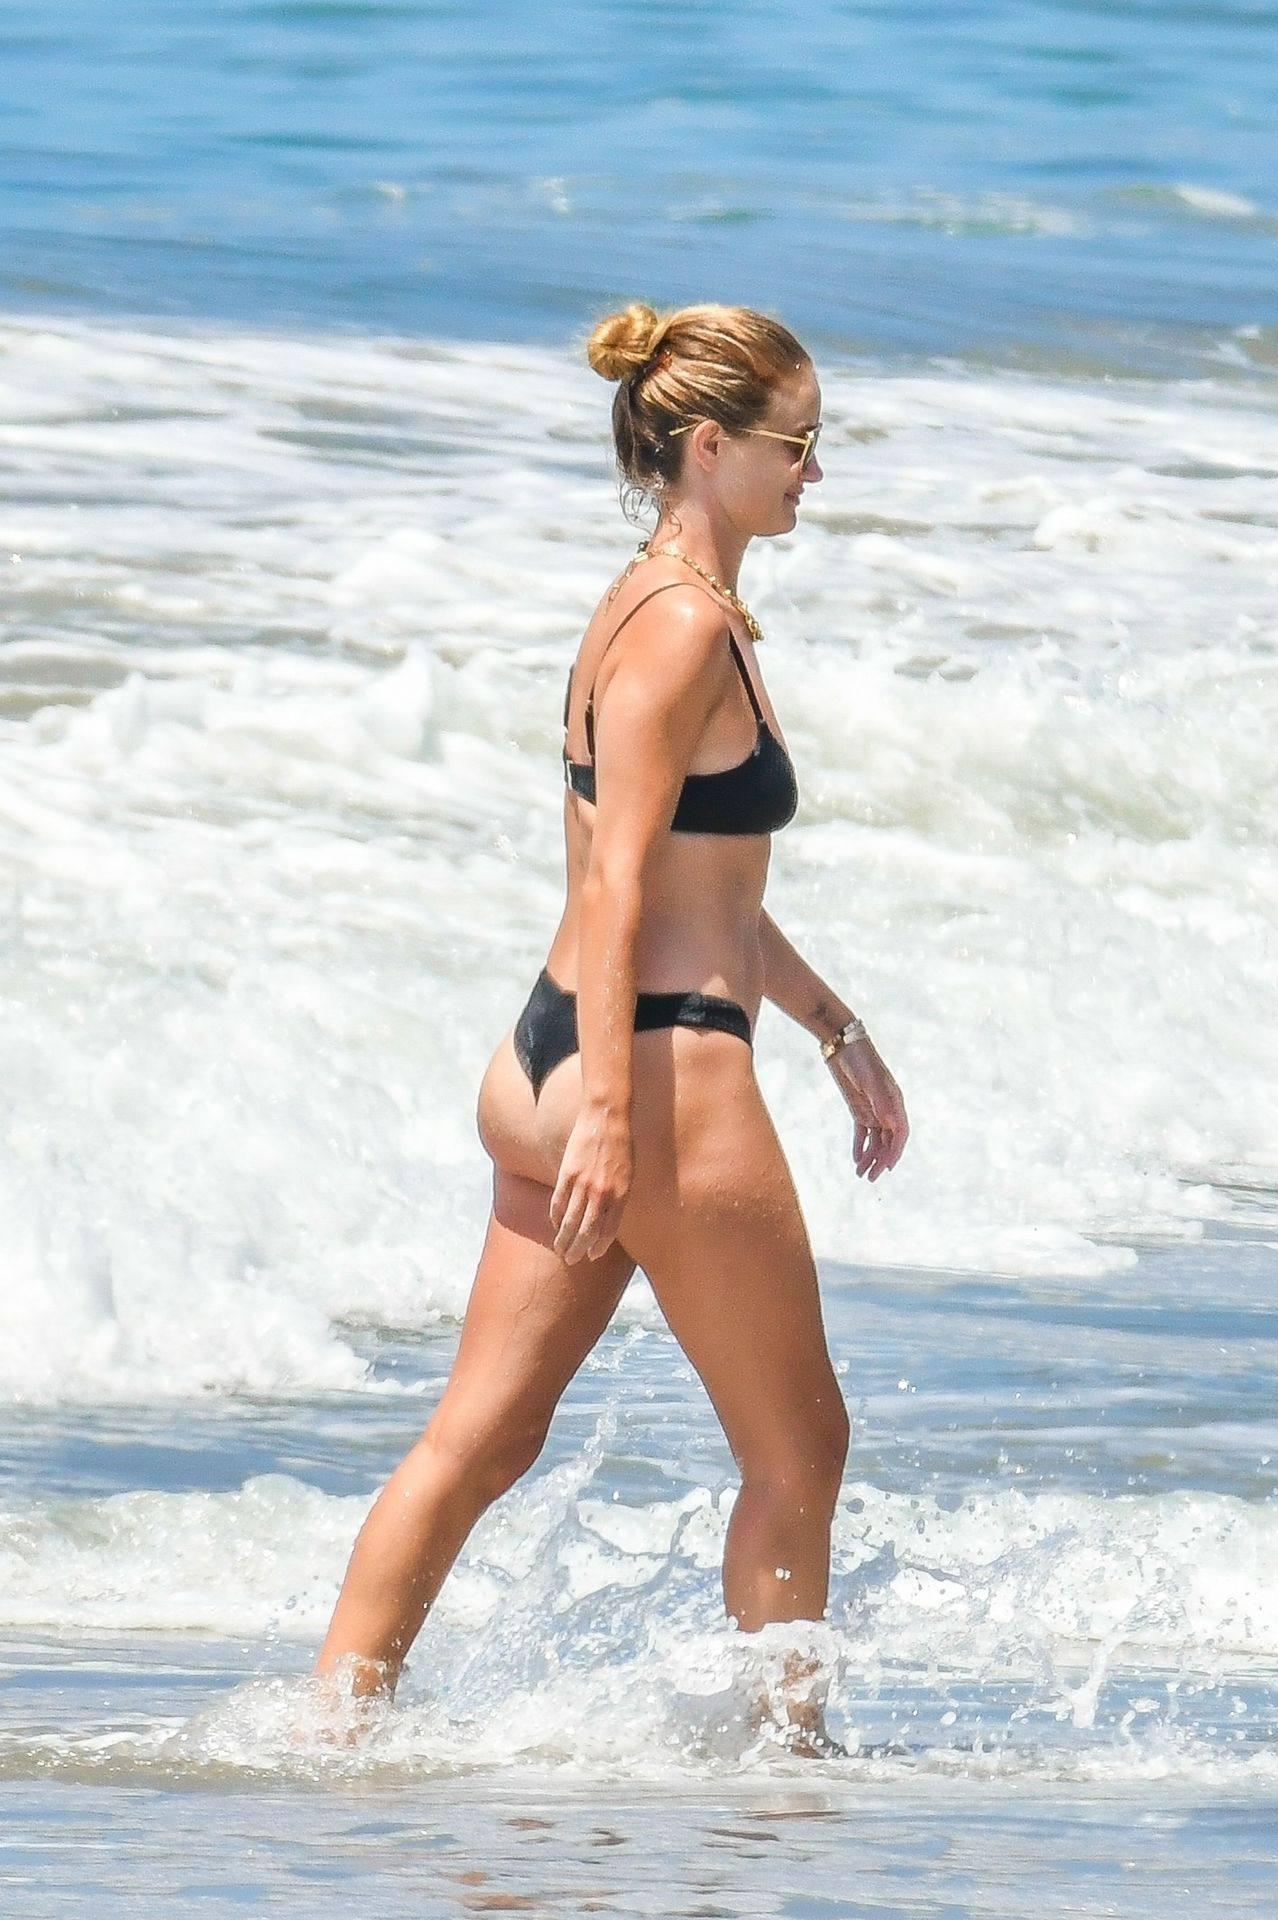 Rosie Huntington Whiteley – Beautiful Ass In Thong Bikini In Malibu 0028